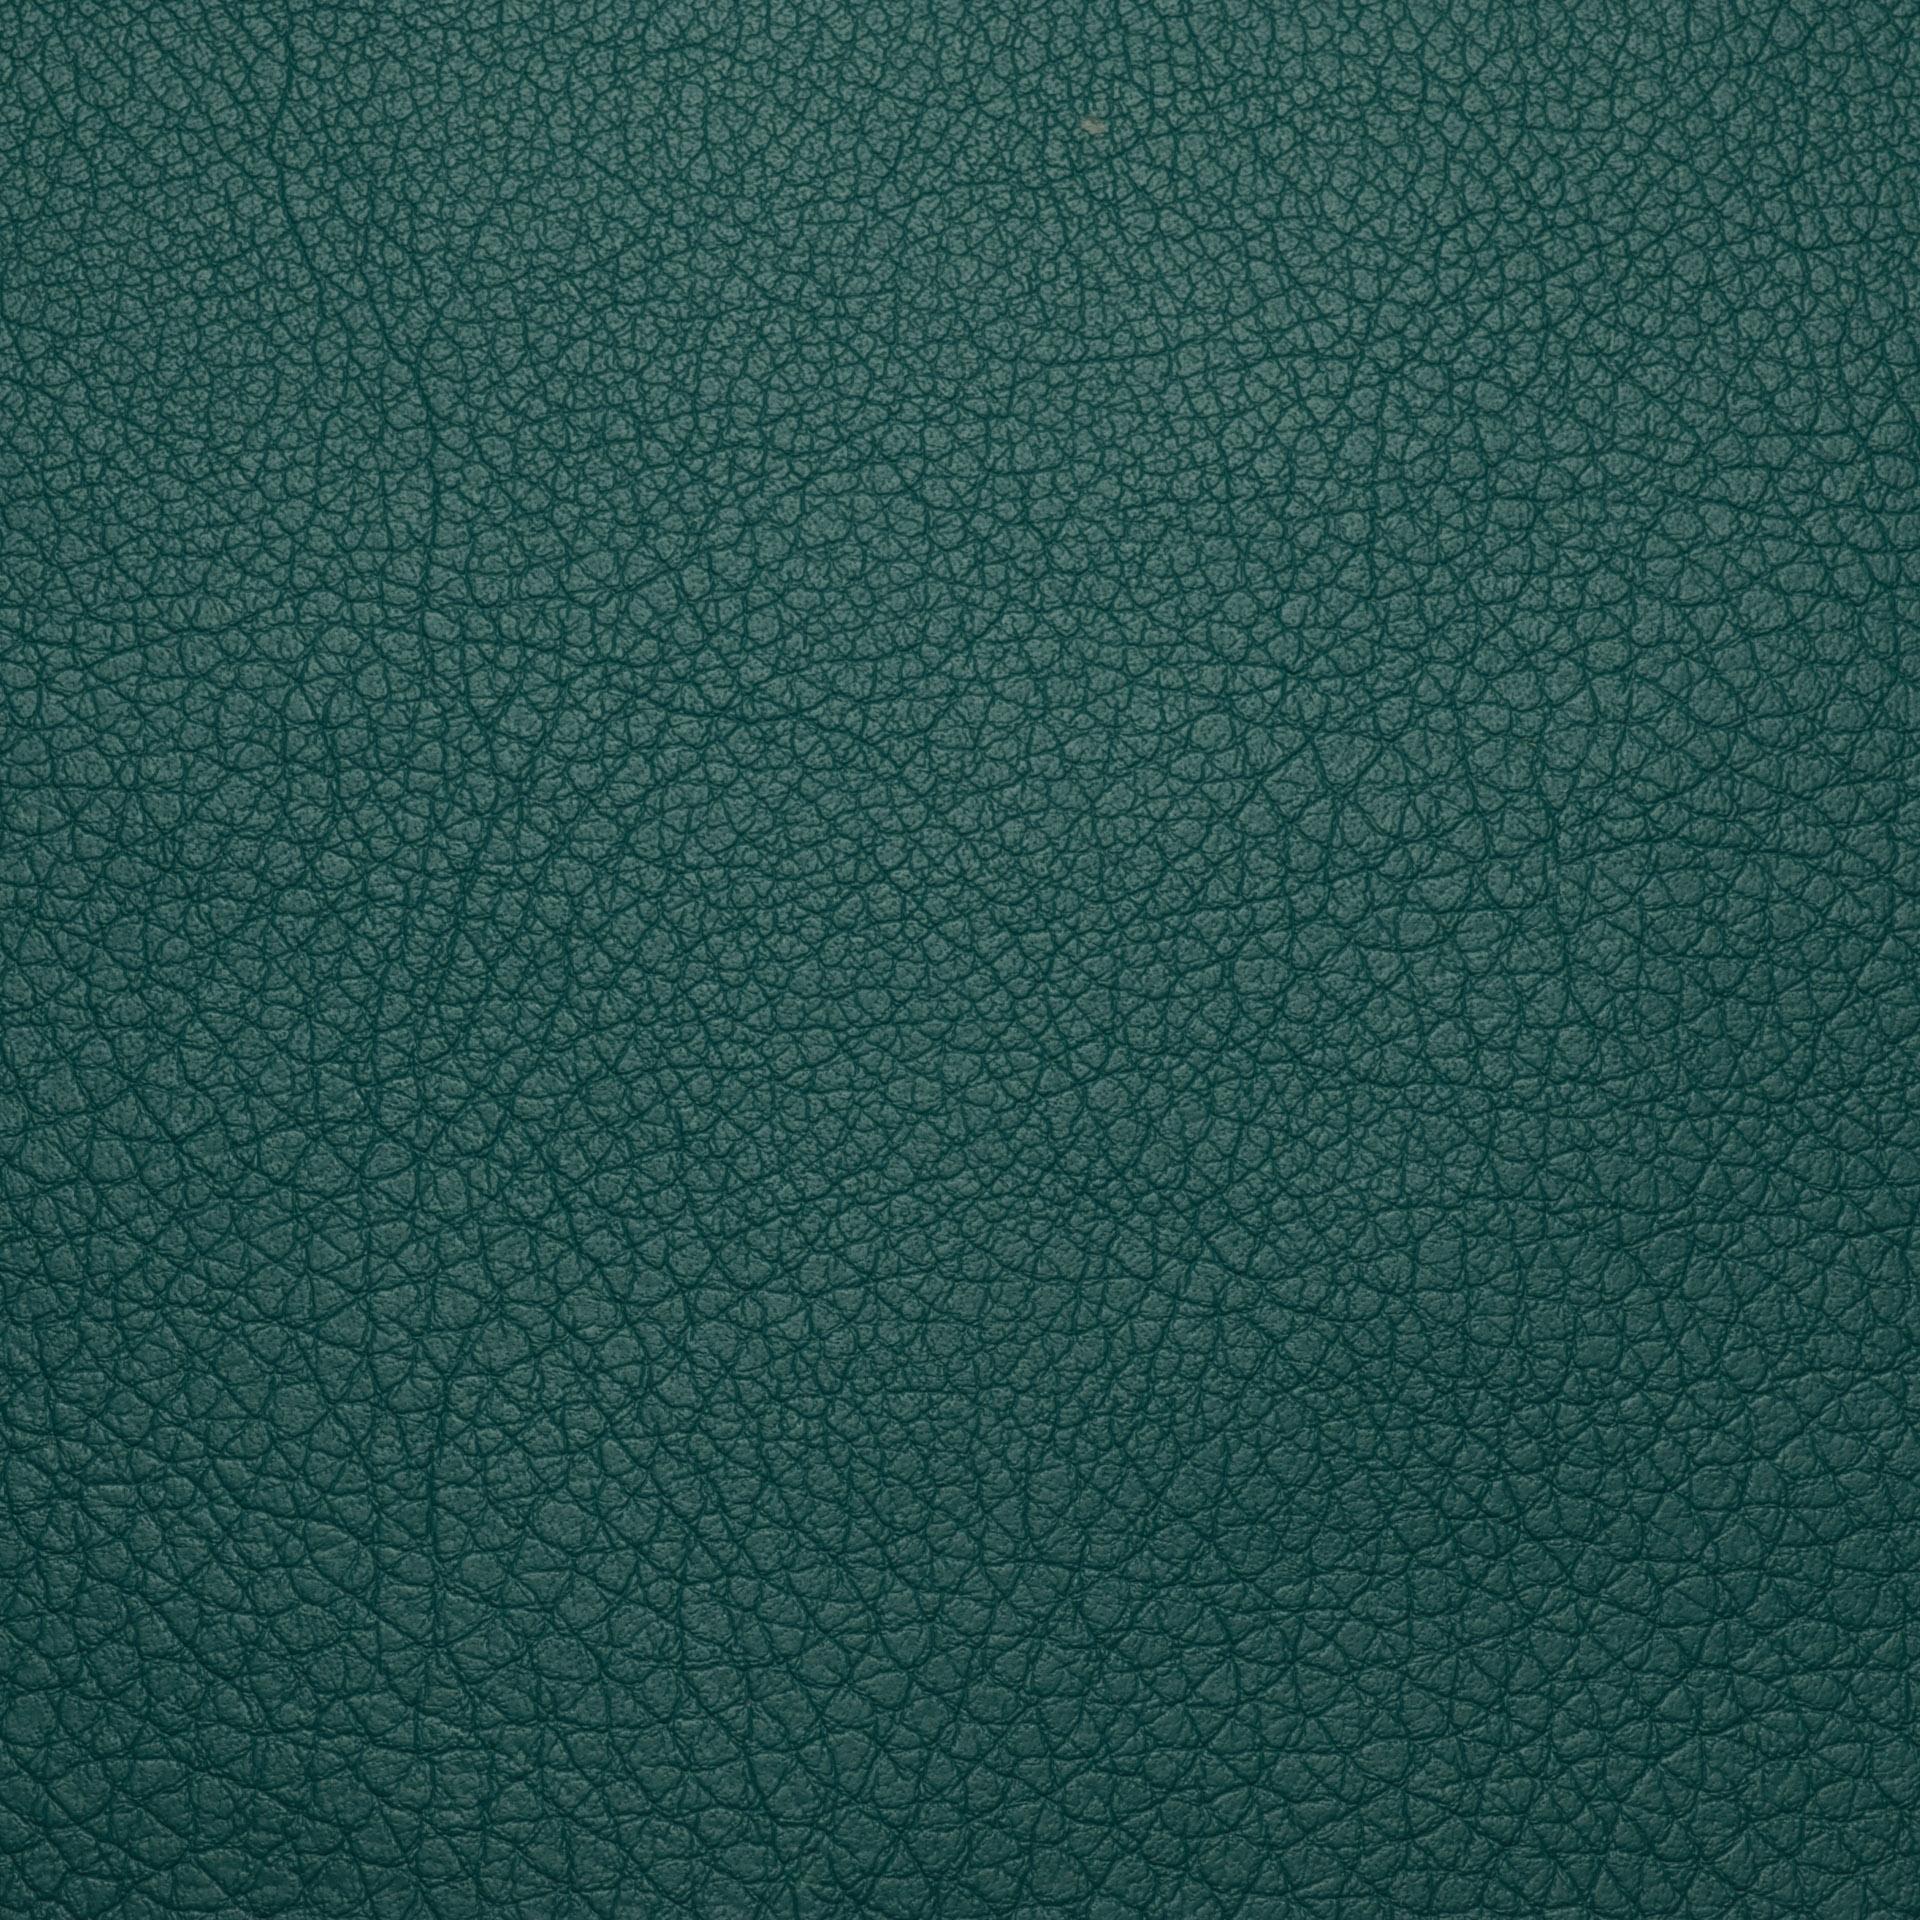 Коллекция ткани Софитель 07 Sea Green,  купить ткань Кож зам для мебели Украина